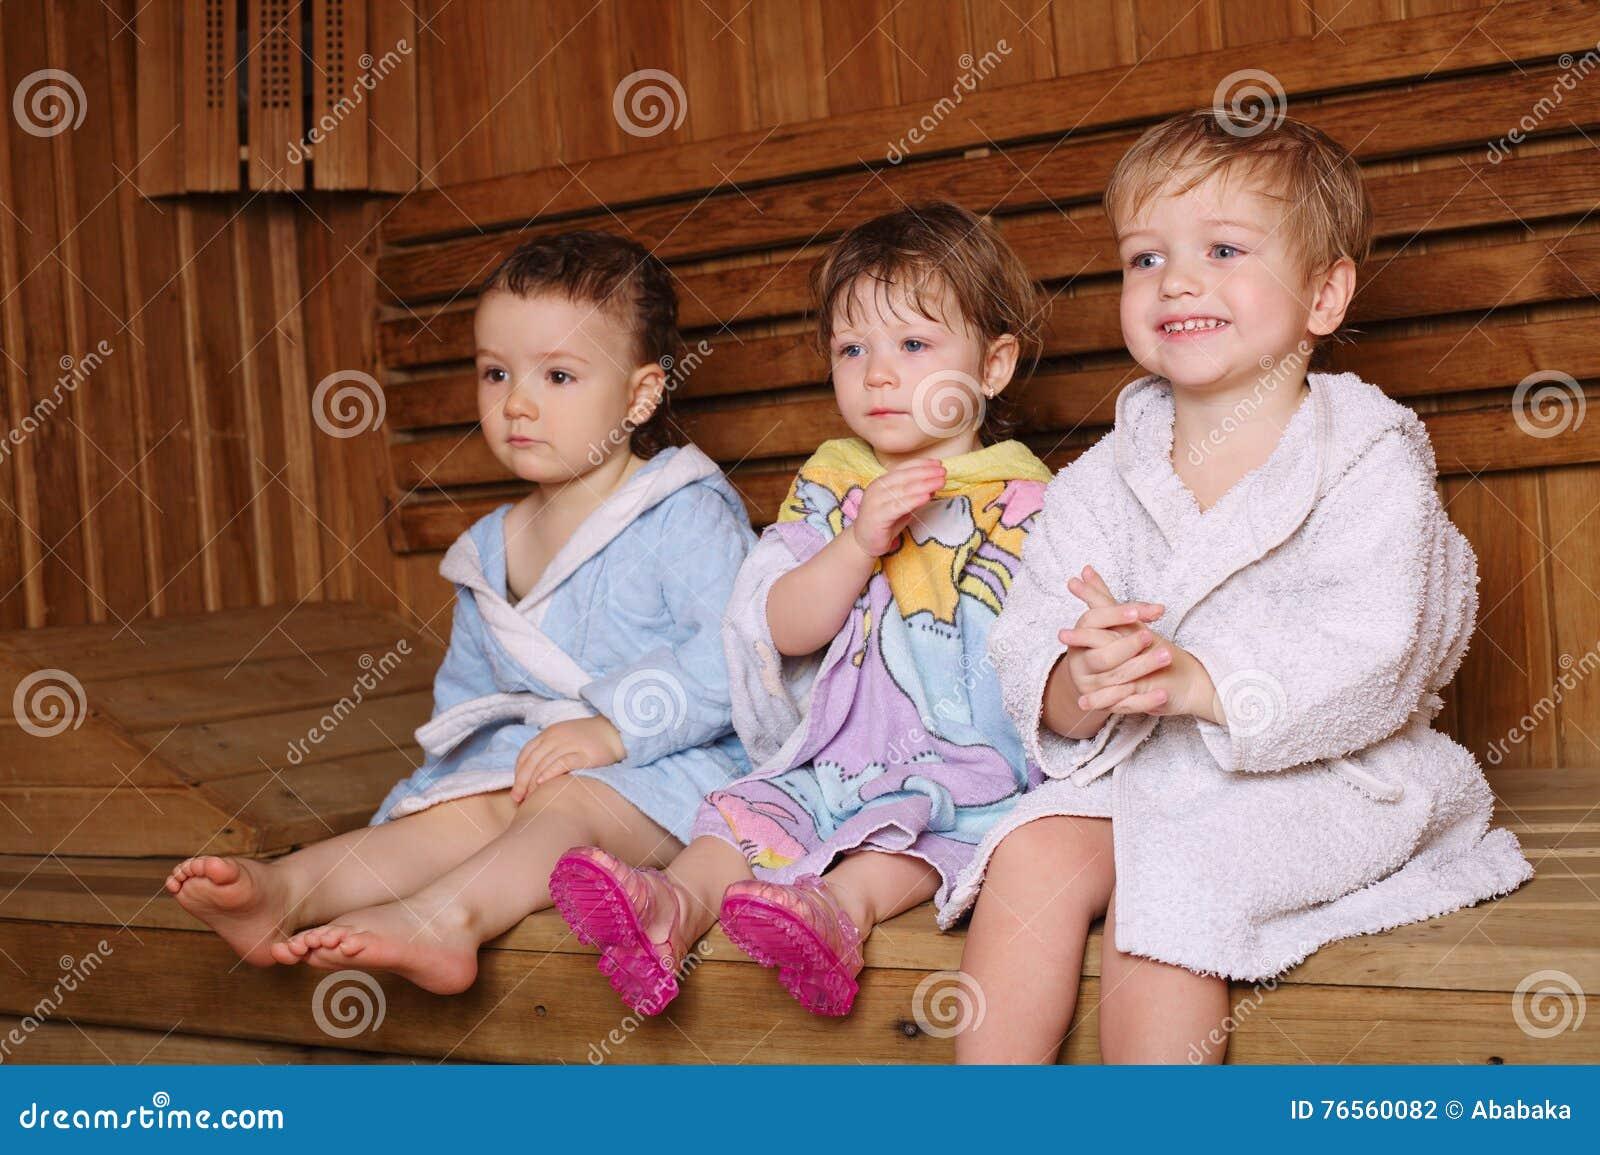 Drei Lustige Kinder In Der Sauna Stockfoto Bild Von Schatzchen